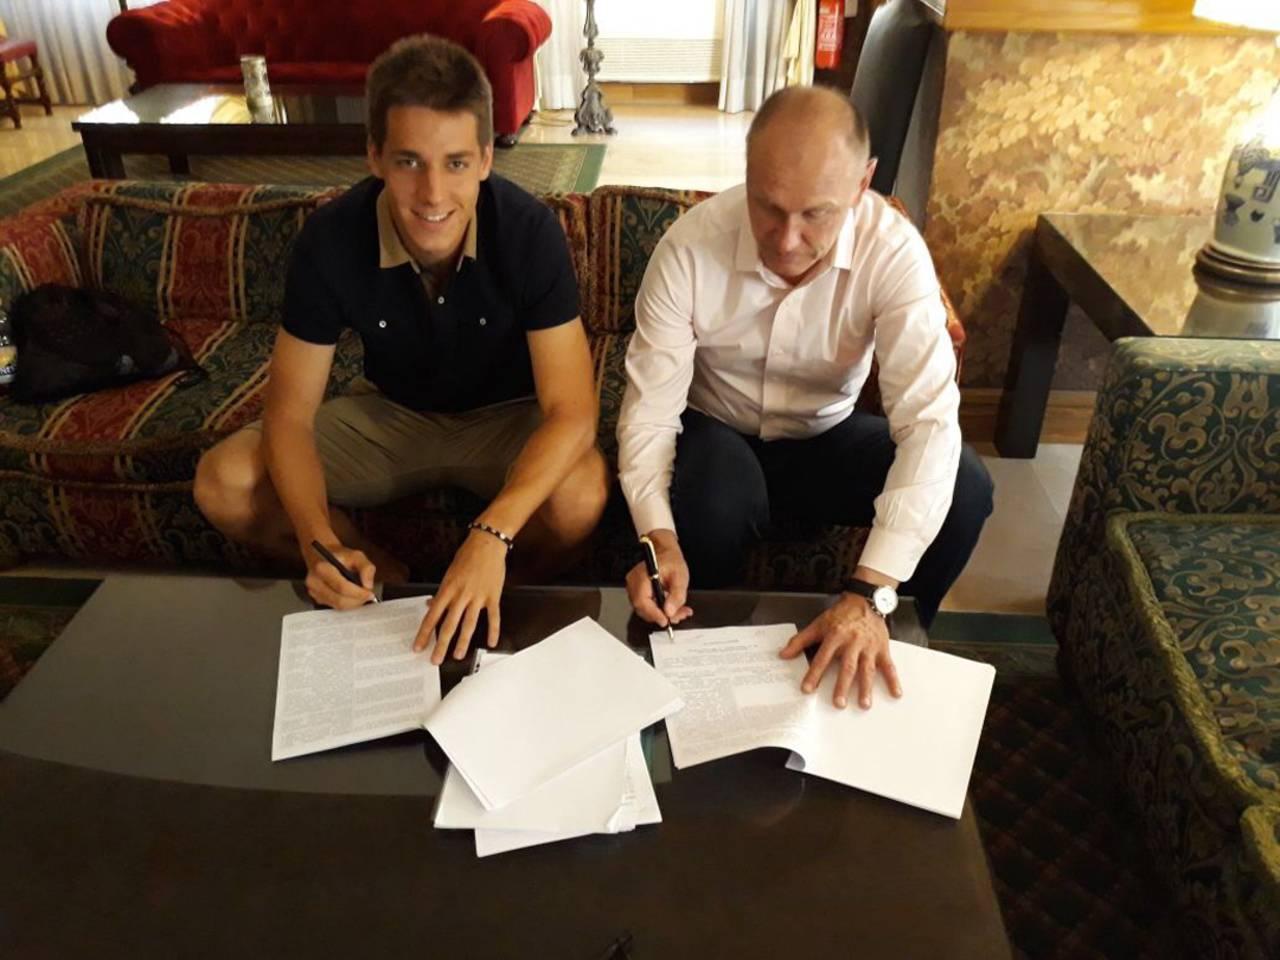 Dobar posao u Rusiji: Pašalić je potpisao za moskovski Spartak